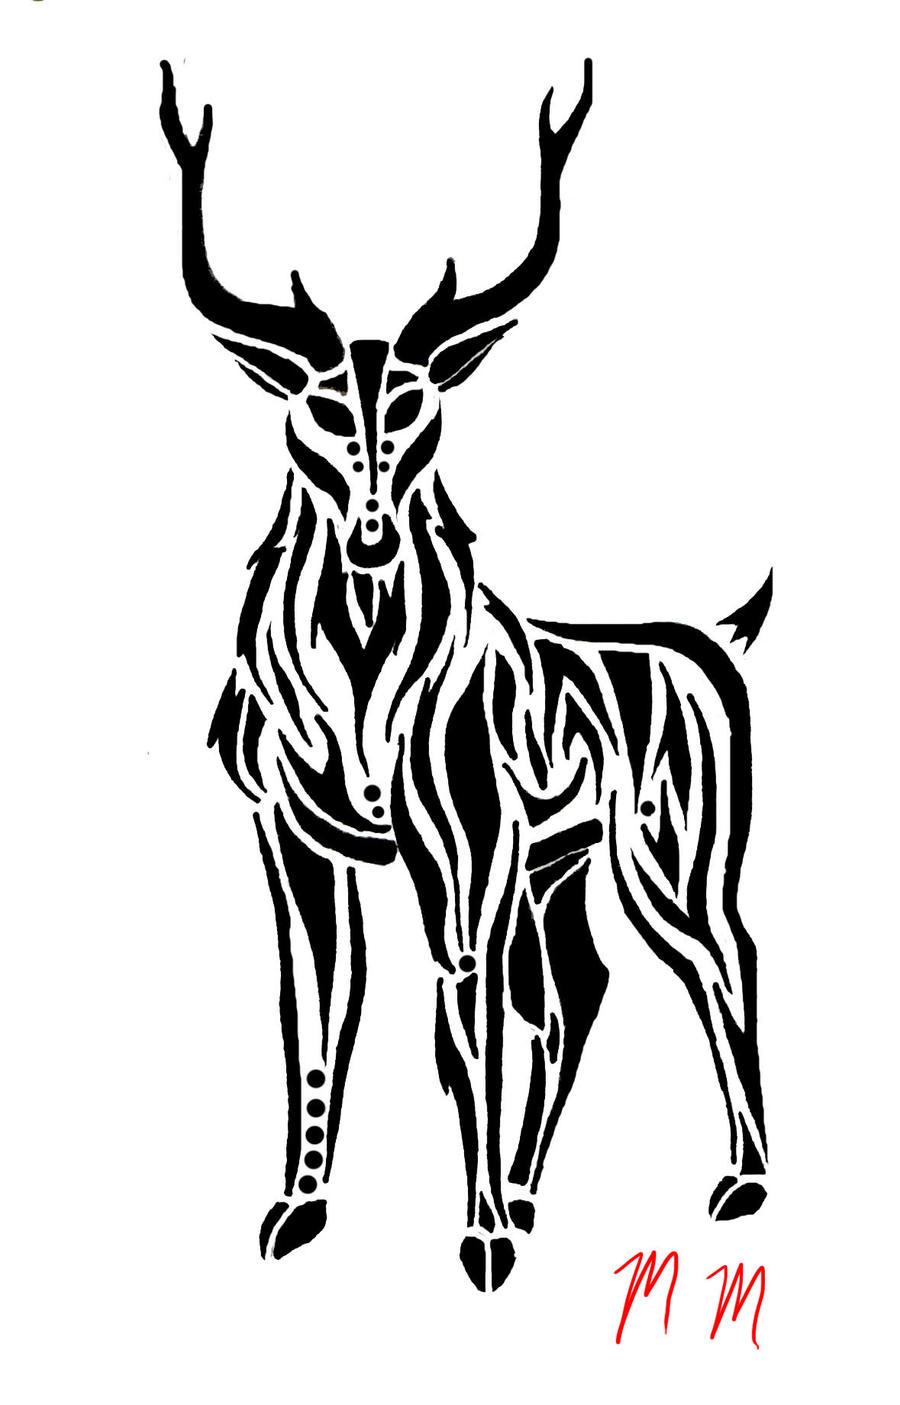 Tribal Deer by mikaylamettler on DeviantArt